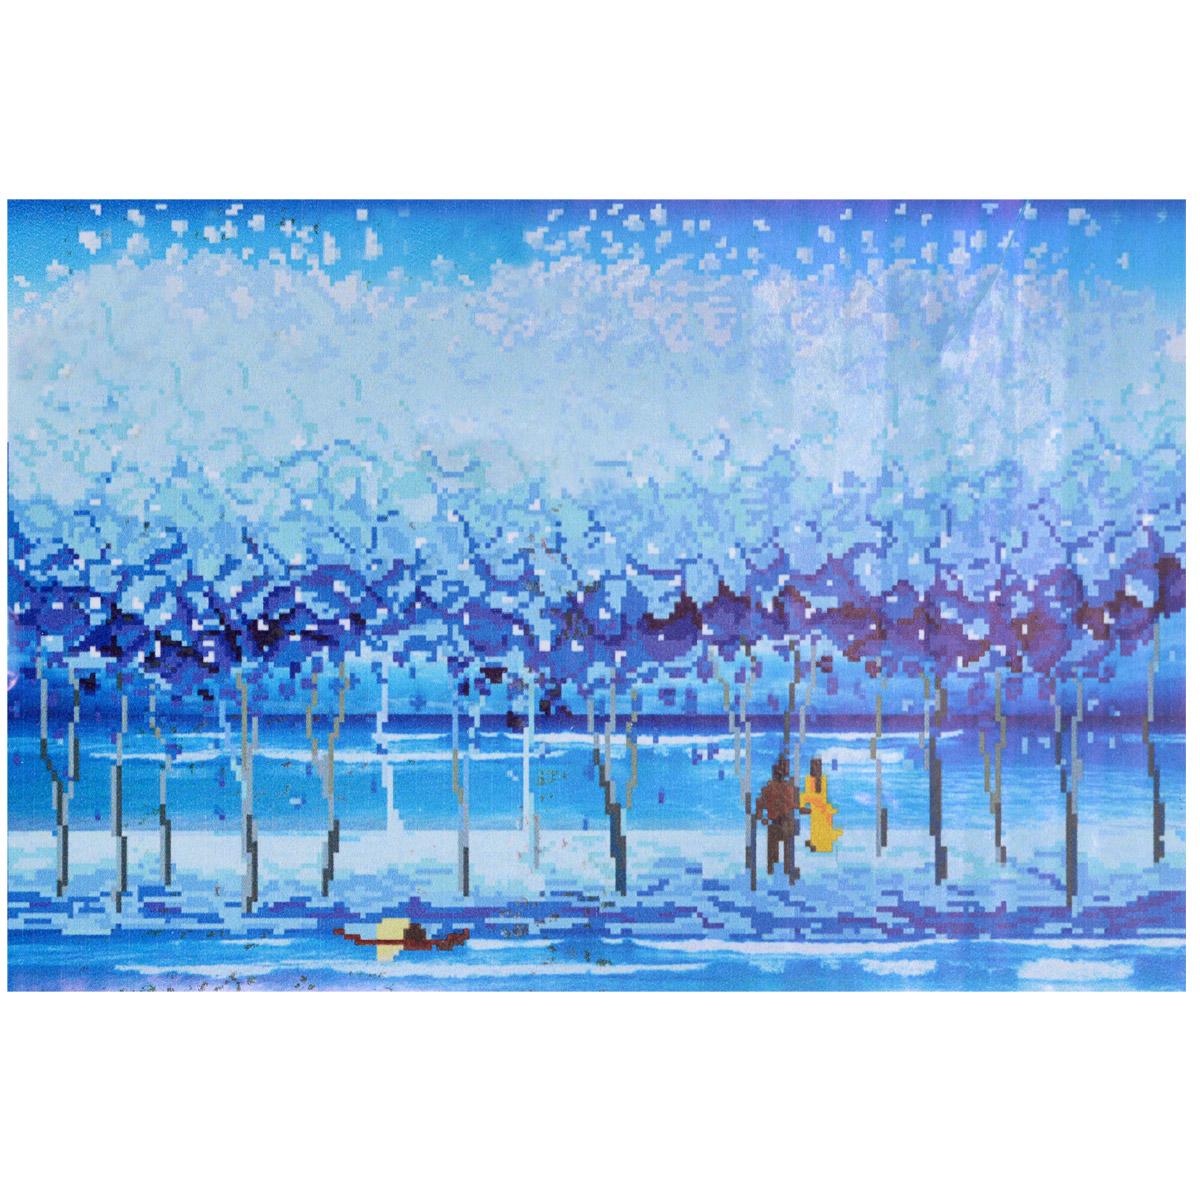 Набор для изготовления картины со стразами Cristal На берегу моря, 69 см х 47 см7710707.8109Набор для изготовления картины со стразами Cristal На берегу моря поможет вам создать свой личный шедевр. Работа, выполненная своими руками, станет отличным подарком для друзей и близких! Набор содержит: - полотно-схема с нанесенным рисунком и клеевым слоем (размер 82 см х 58 см); - пластиковое блюдце; - стразы (18 цветов); - клей для страз; - карандаш; - точилка; - пинцет; - 2 ватные палочки; - 2 маленьких пакетика; - инструкция на русском языке. Подарите близким тепло ваших рук!